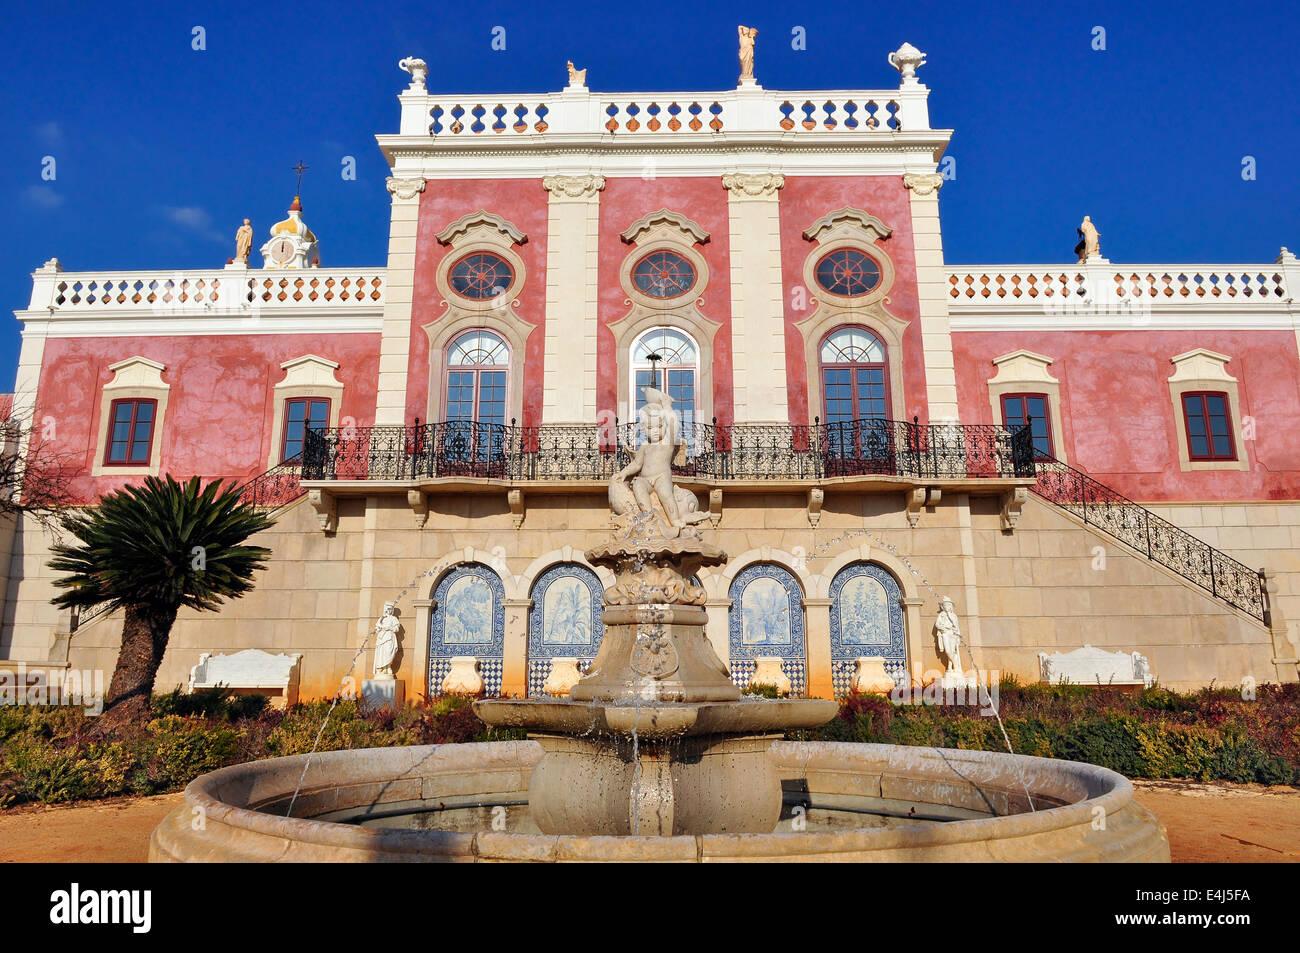 Estoi - gennaio 28: Estoi Palace fu costruito nel tardo XIX secolo ed è il migliore esempio di architettura Immagini Stock